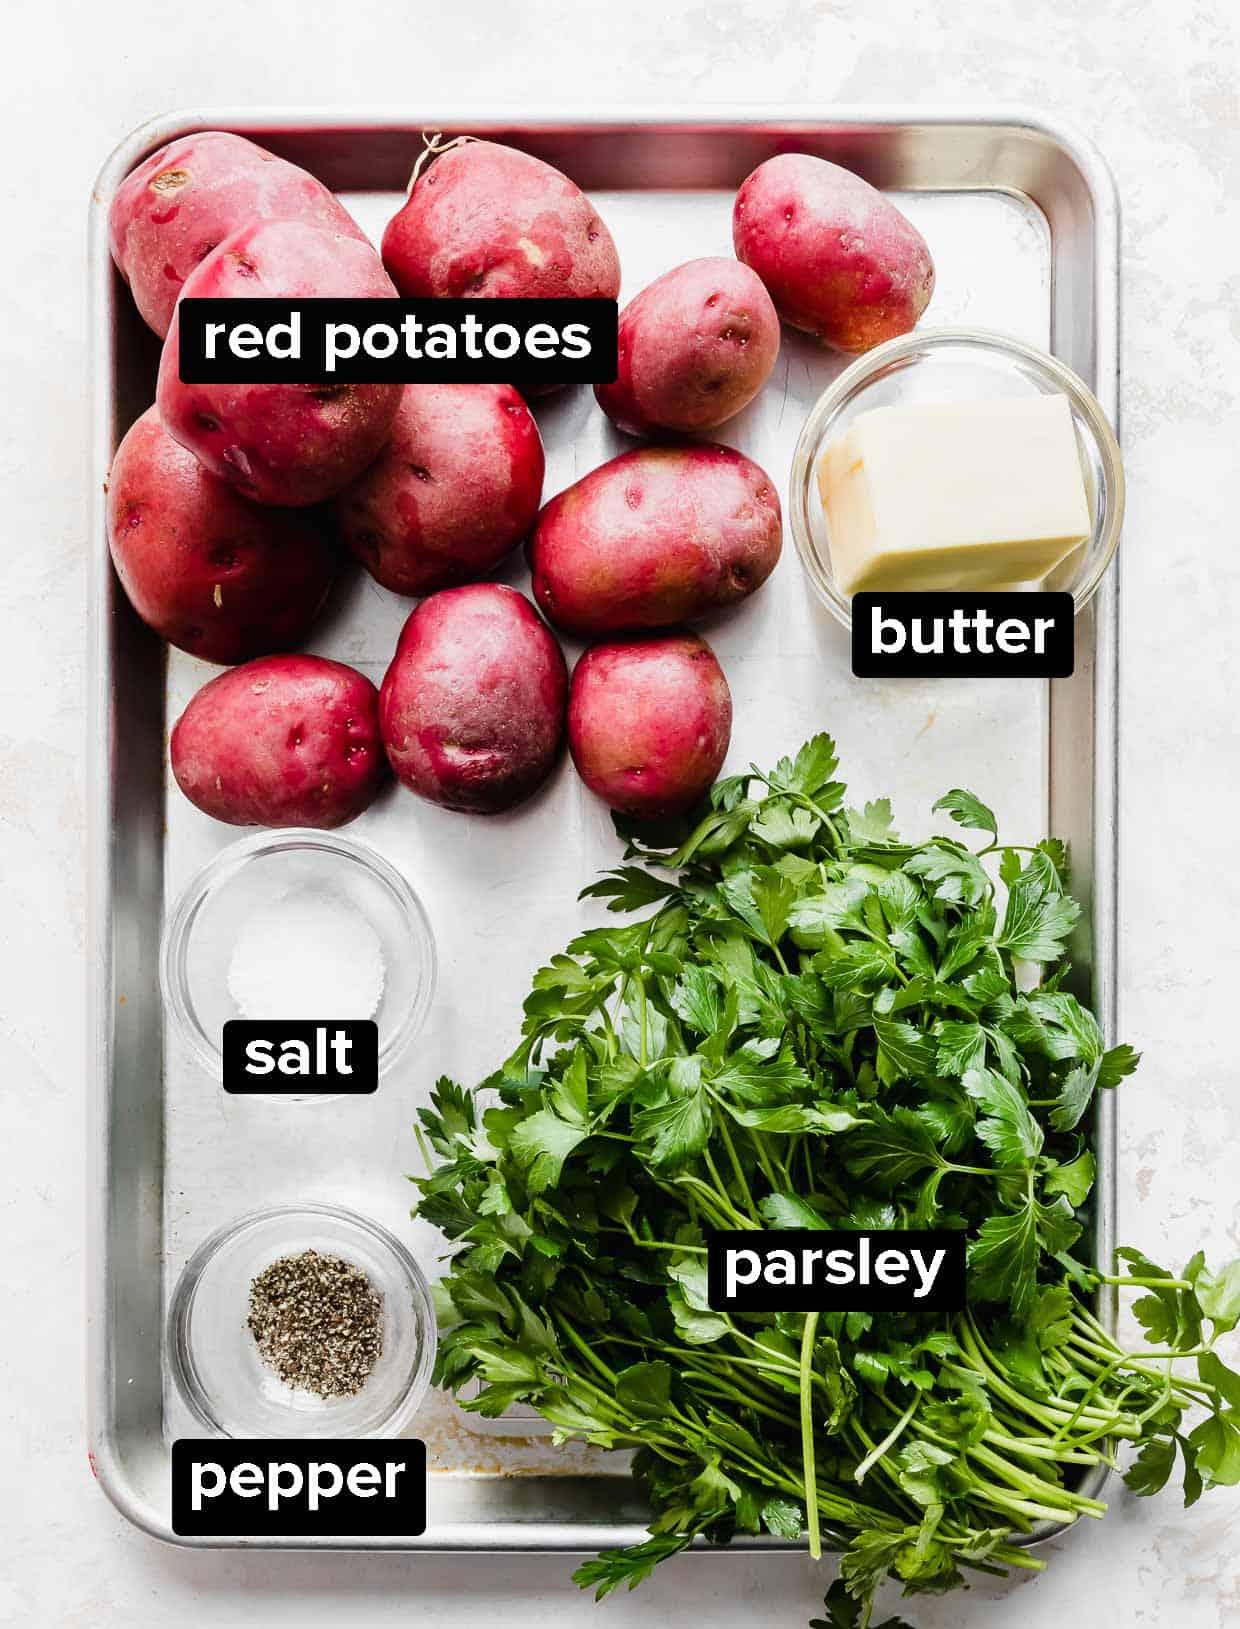 Ingredients used to make parsley potatoes.